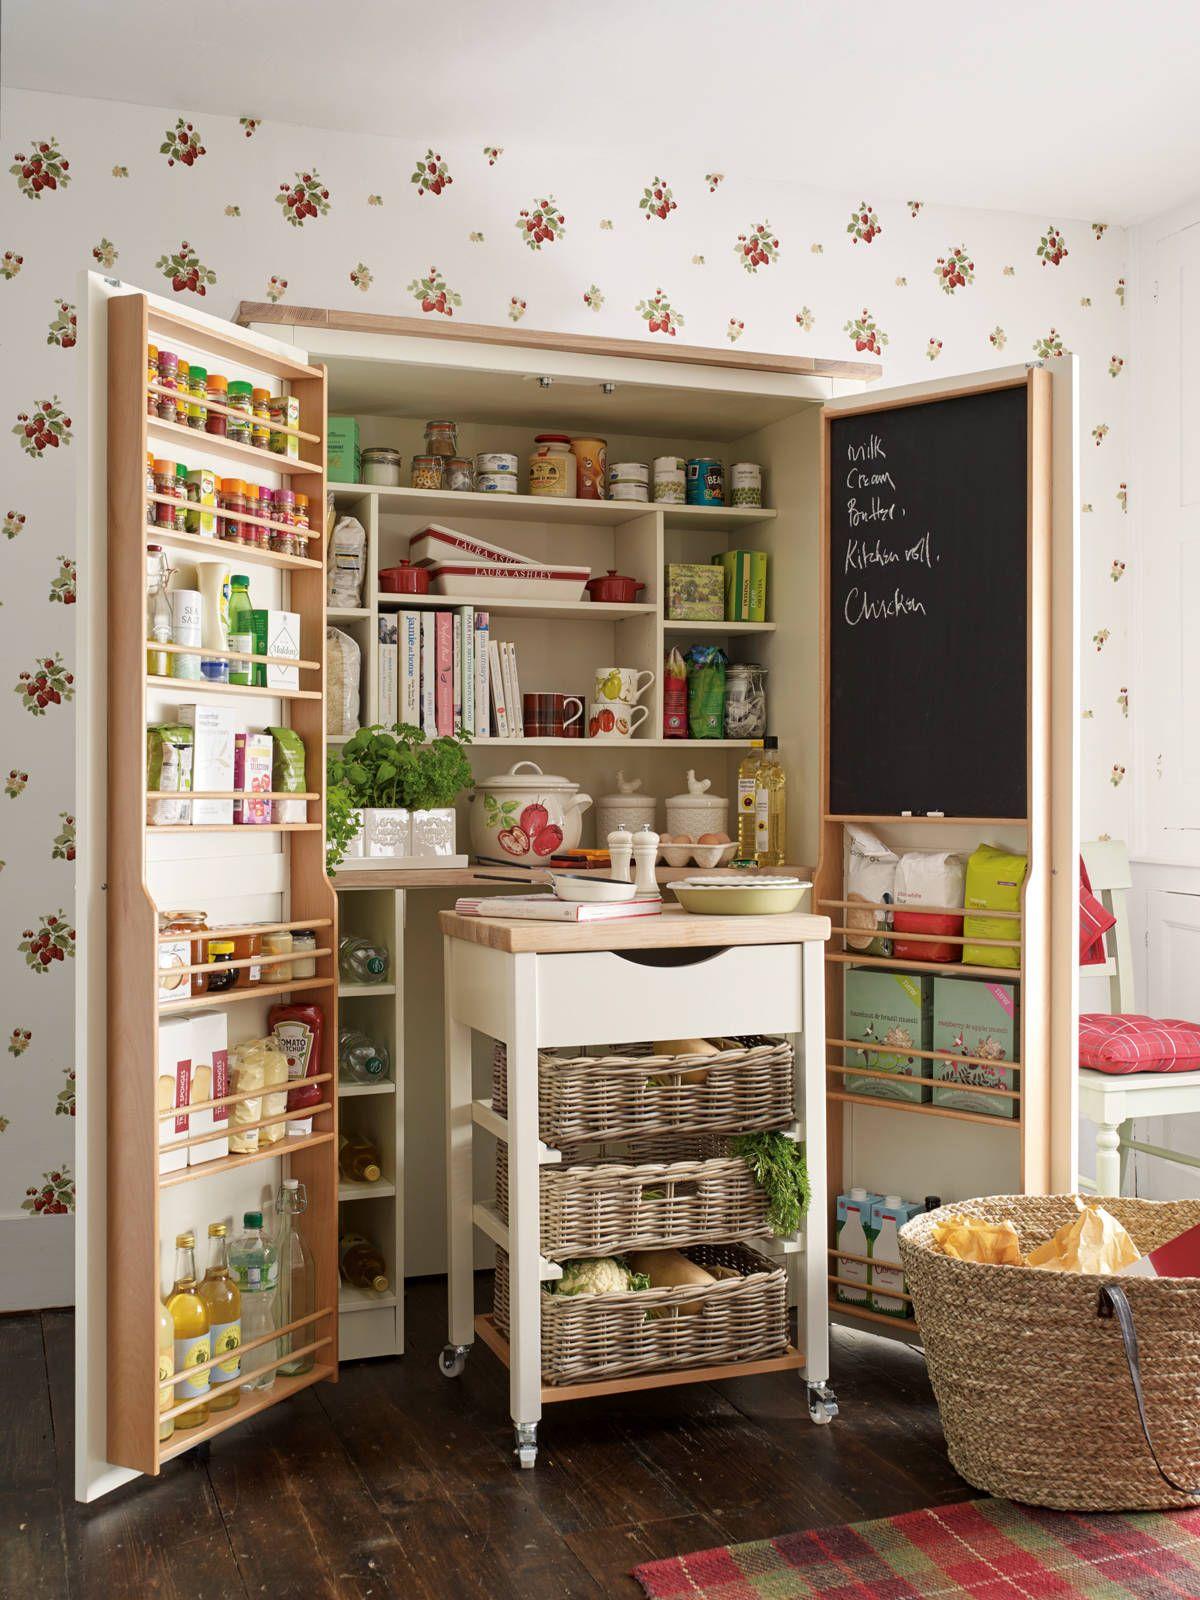 Im genes de decoraci n y dise o de interiores laura - Muebles laura ashley ...